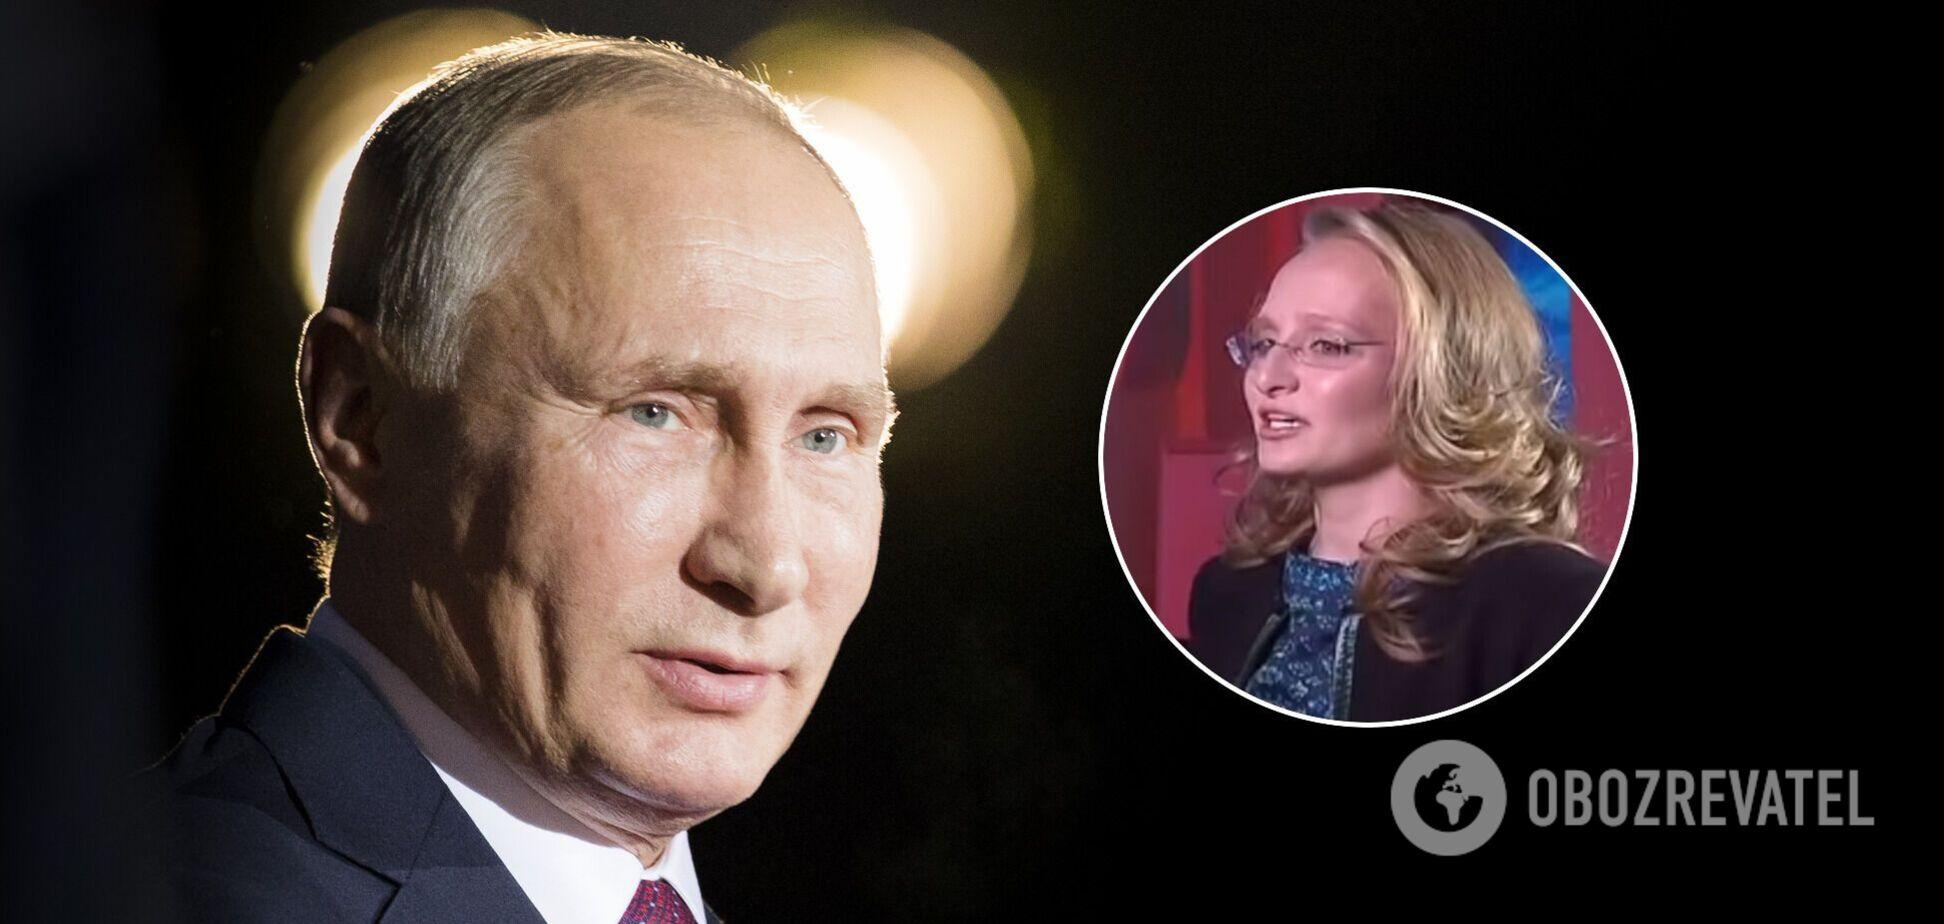 Дочь Путина Тихонова не будет президентом РФ: Полозов назвал причину